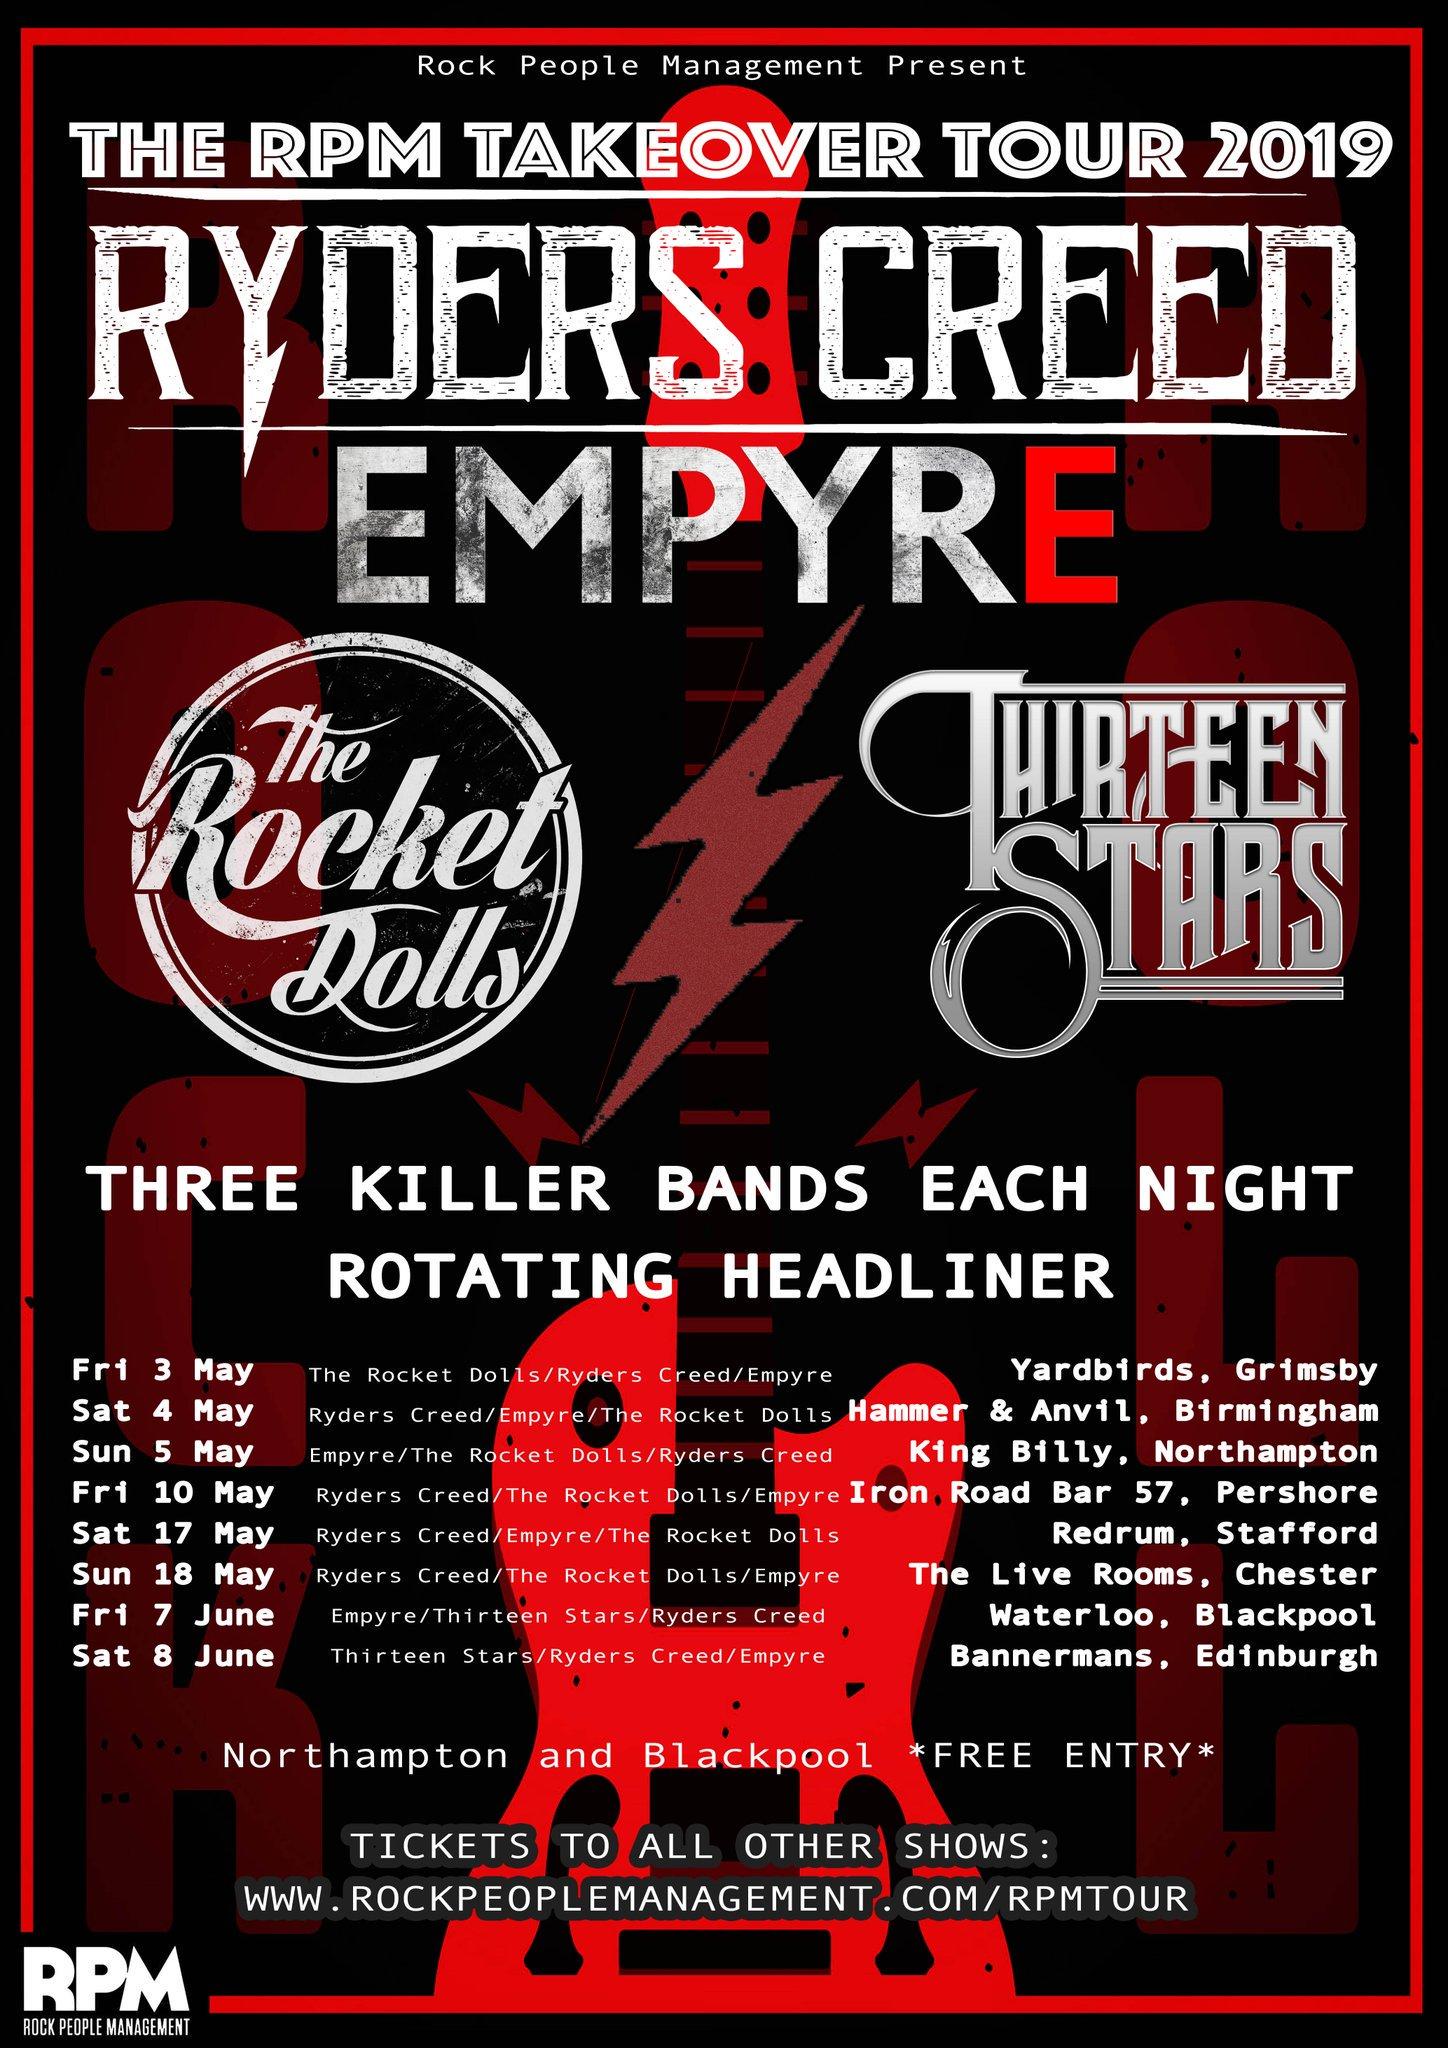 Ryders Creed UK Tour Dates 2019